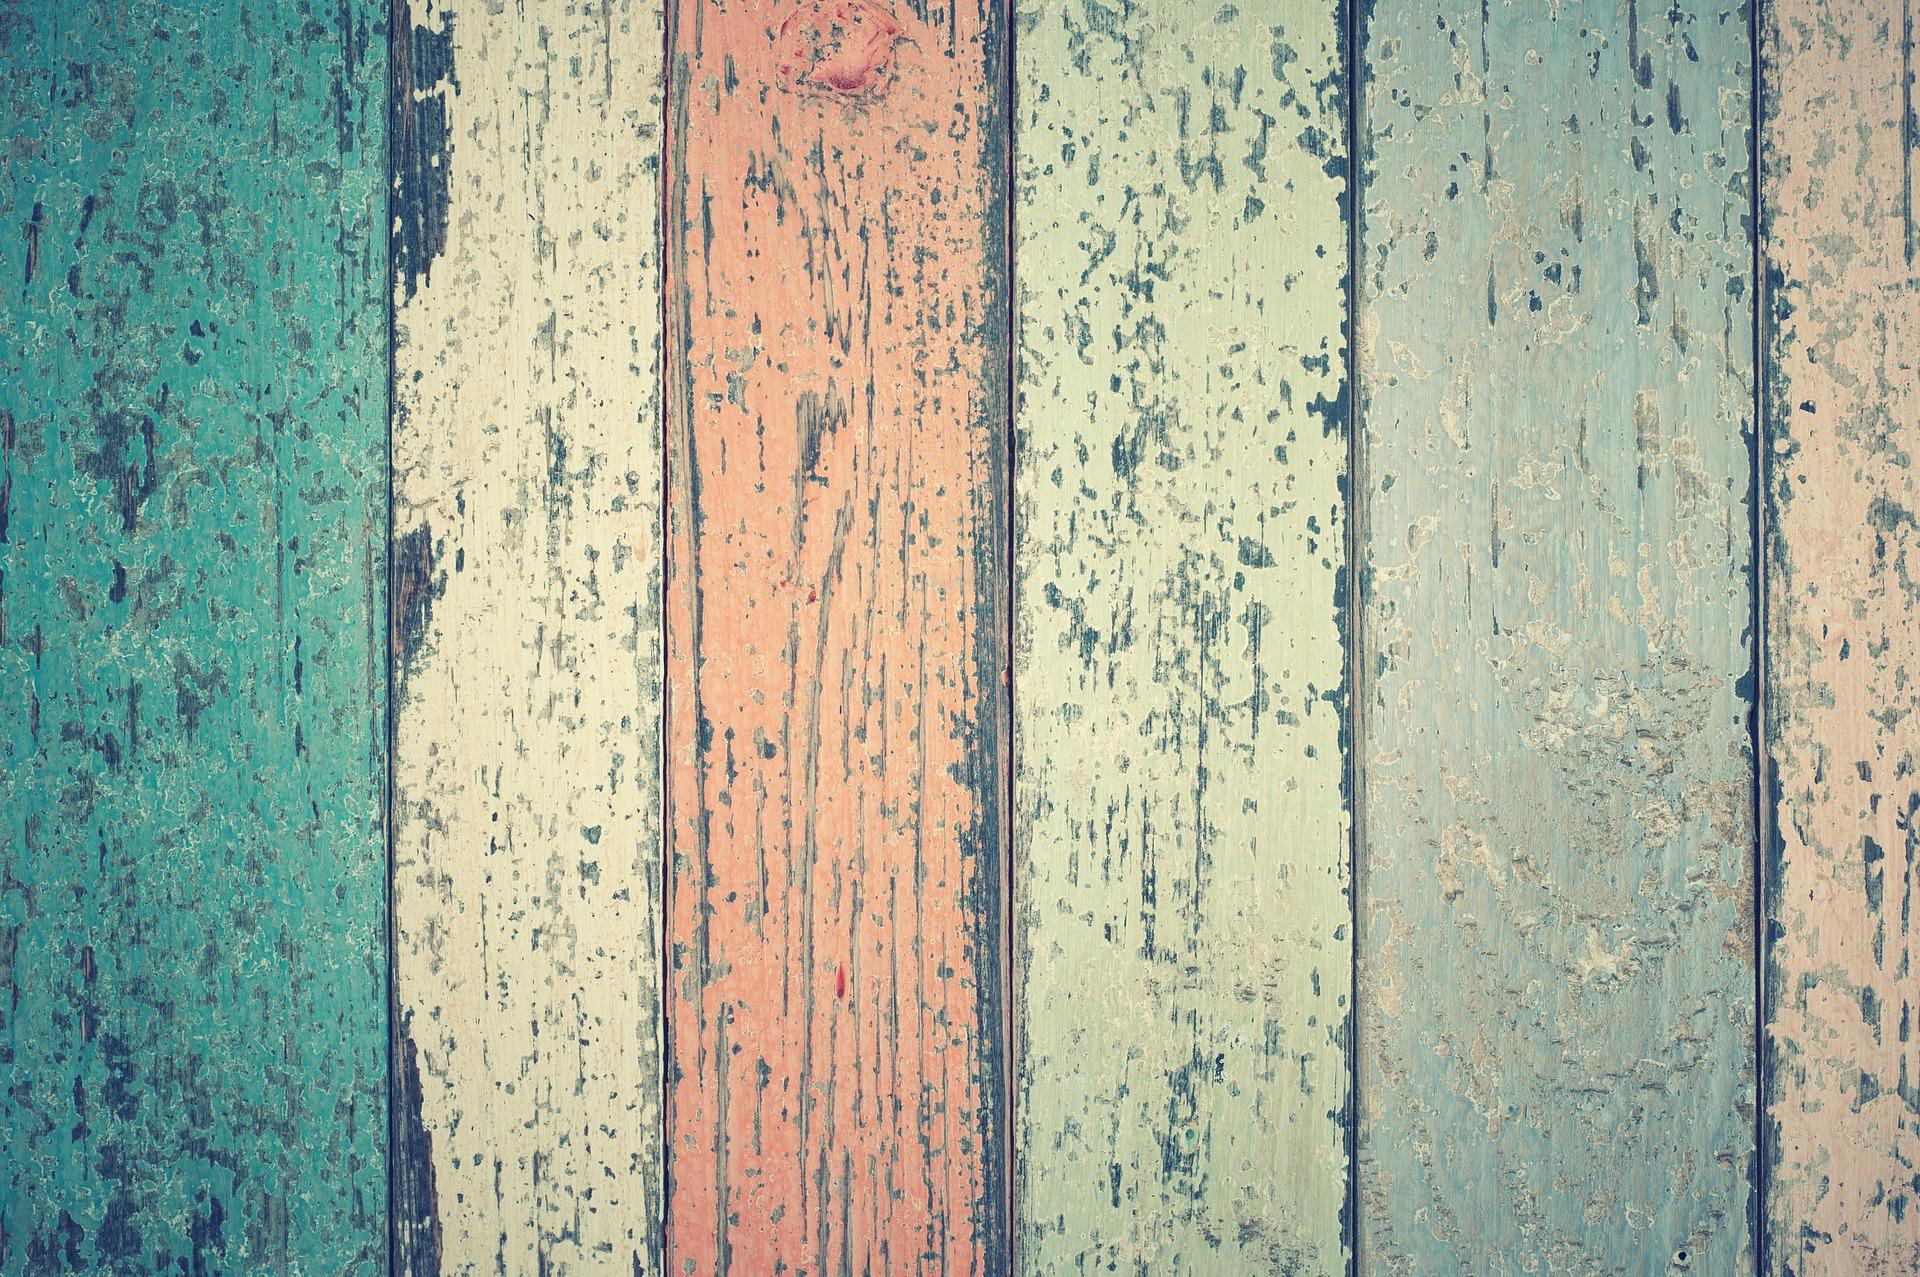 Světlá nebo tmavá podlaha – jaká působí čistěji?